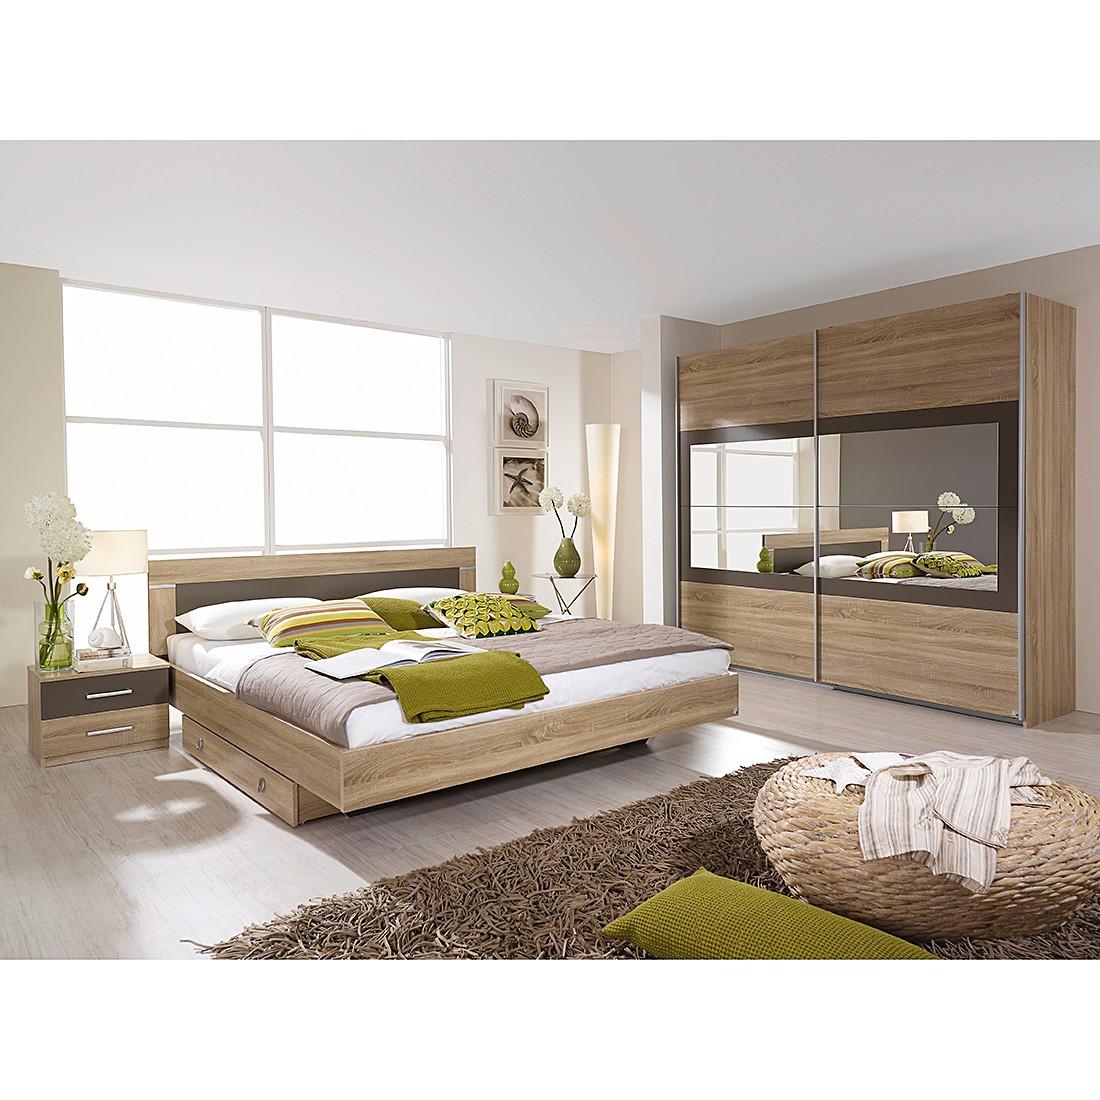 Schlafzimmerset Venlo (4-teilig)